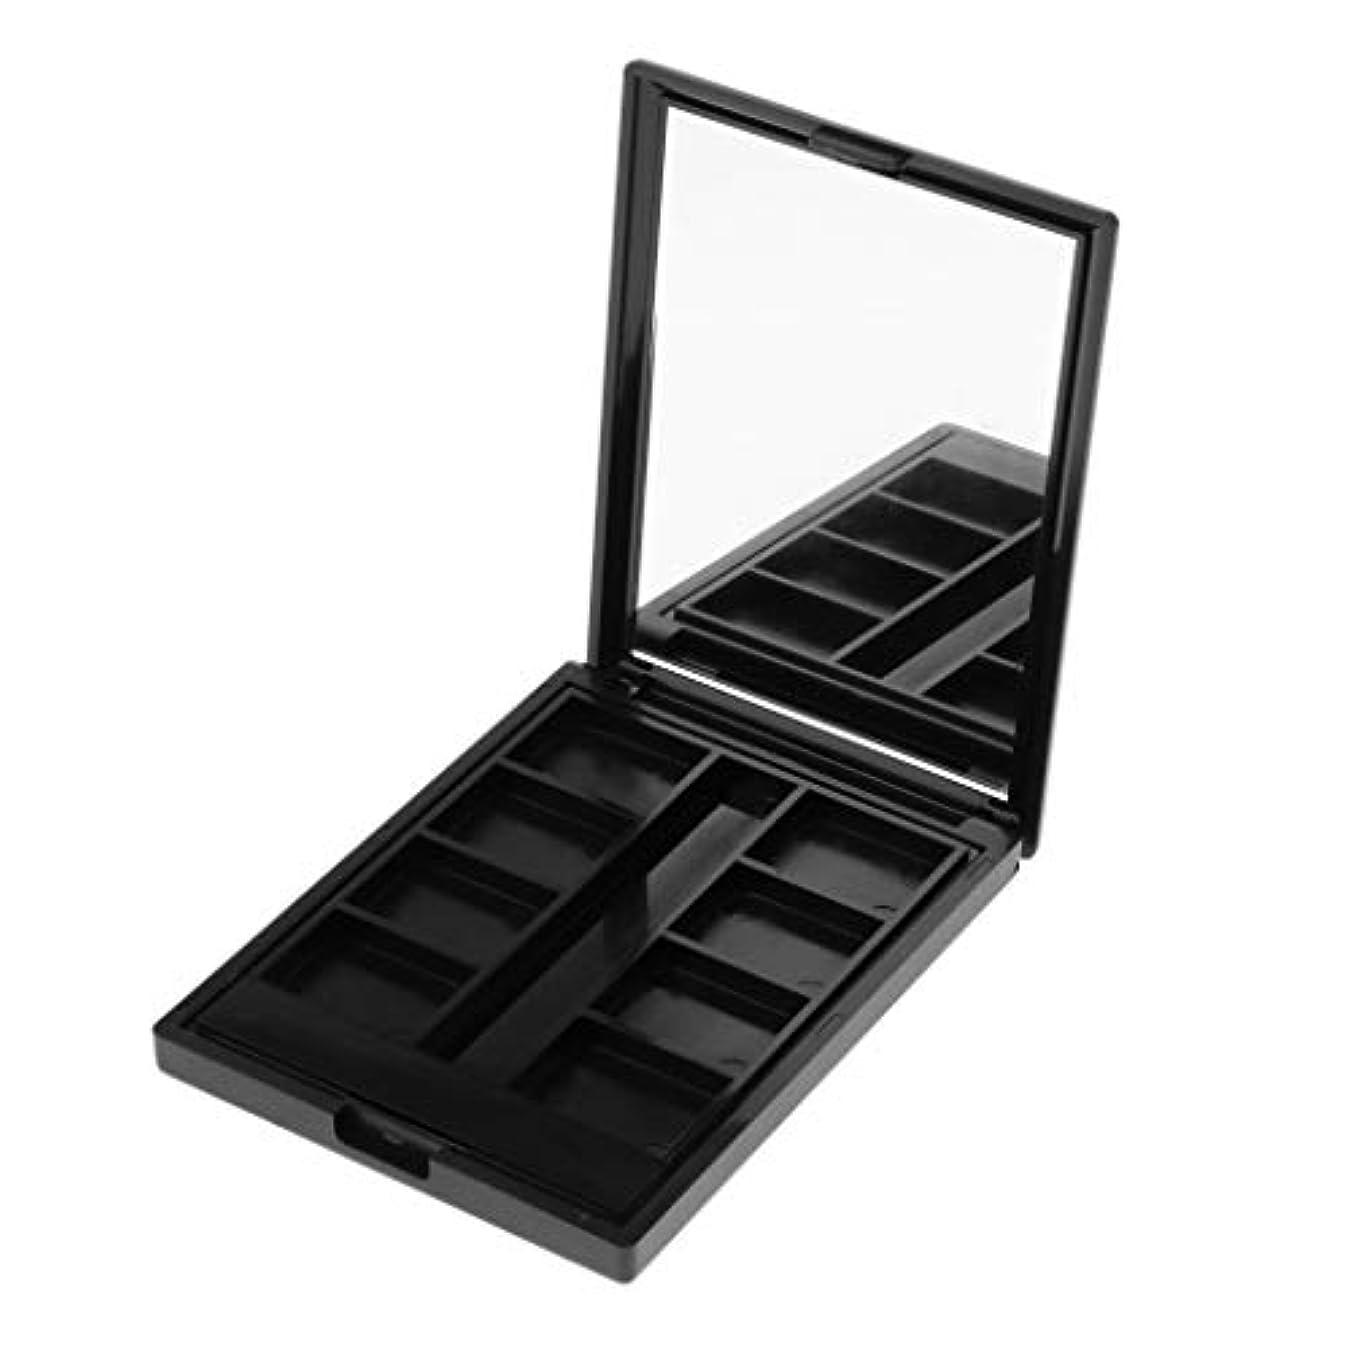 究極の応答記念Sharplace 空ケース メイクアップパレット リップグロス コスメ 手作り収納ケーキ DIY 2タイプ選べ - 8グリッド